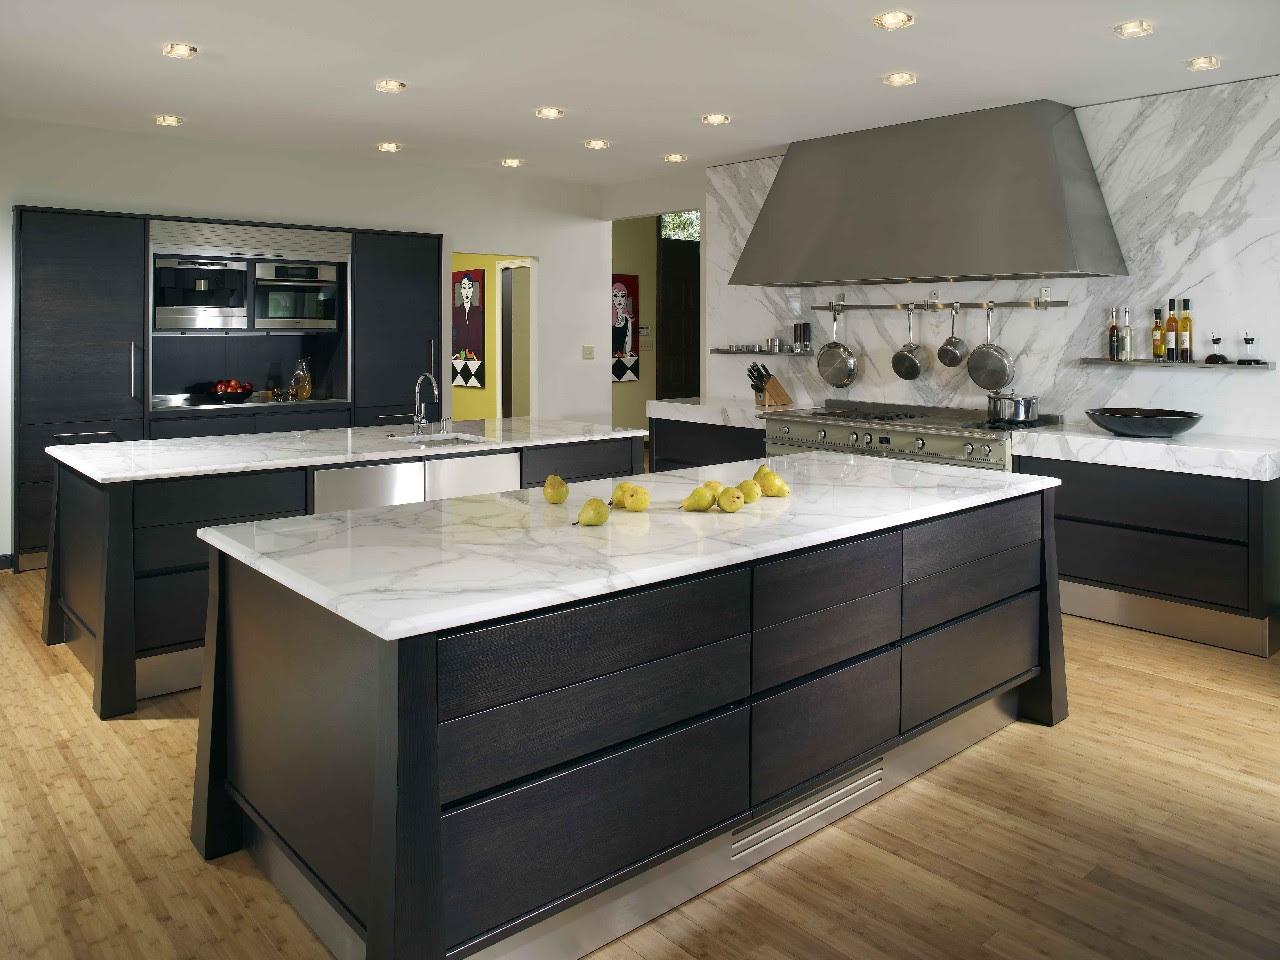 Kitchen Island - Modern ideas